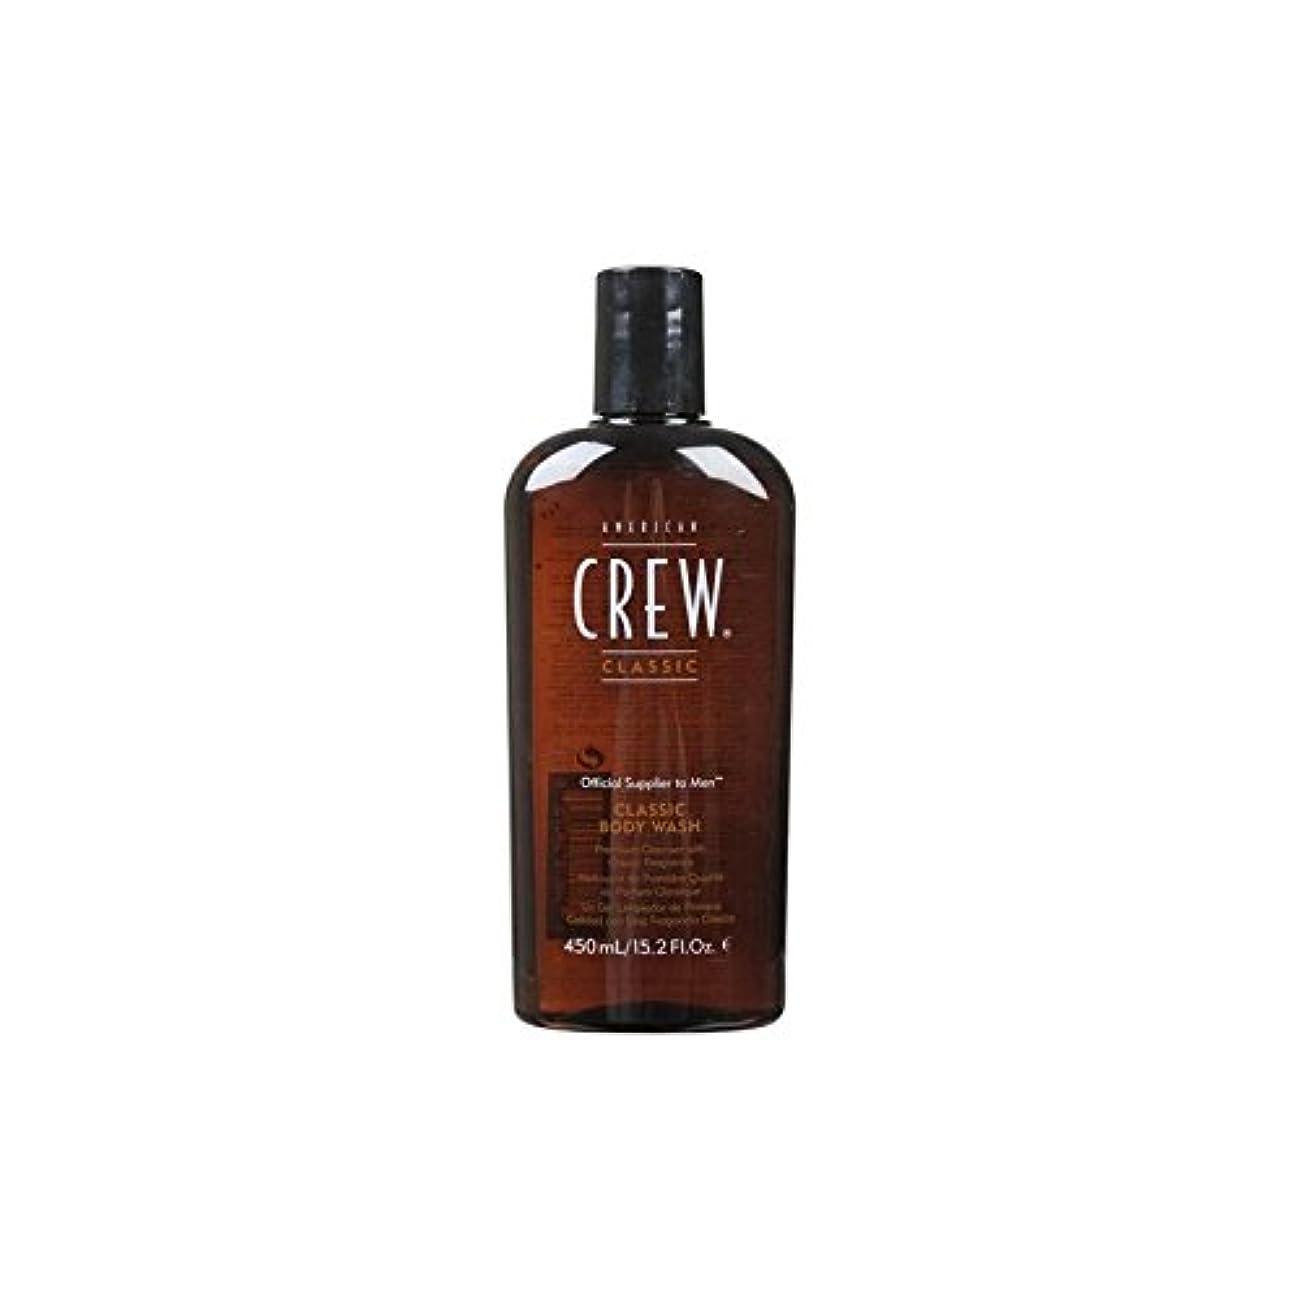 あたたかいフレア狭いAmerican Crew Classic Body Wash (450ml) - アメリカンクルークラシックなボディウォッシュ(450ミリリットル) [並行輸入品]